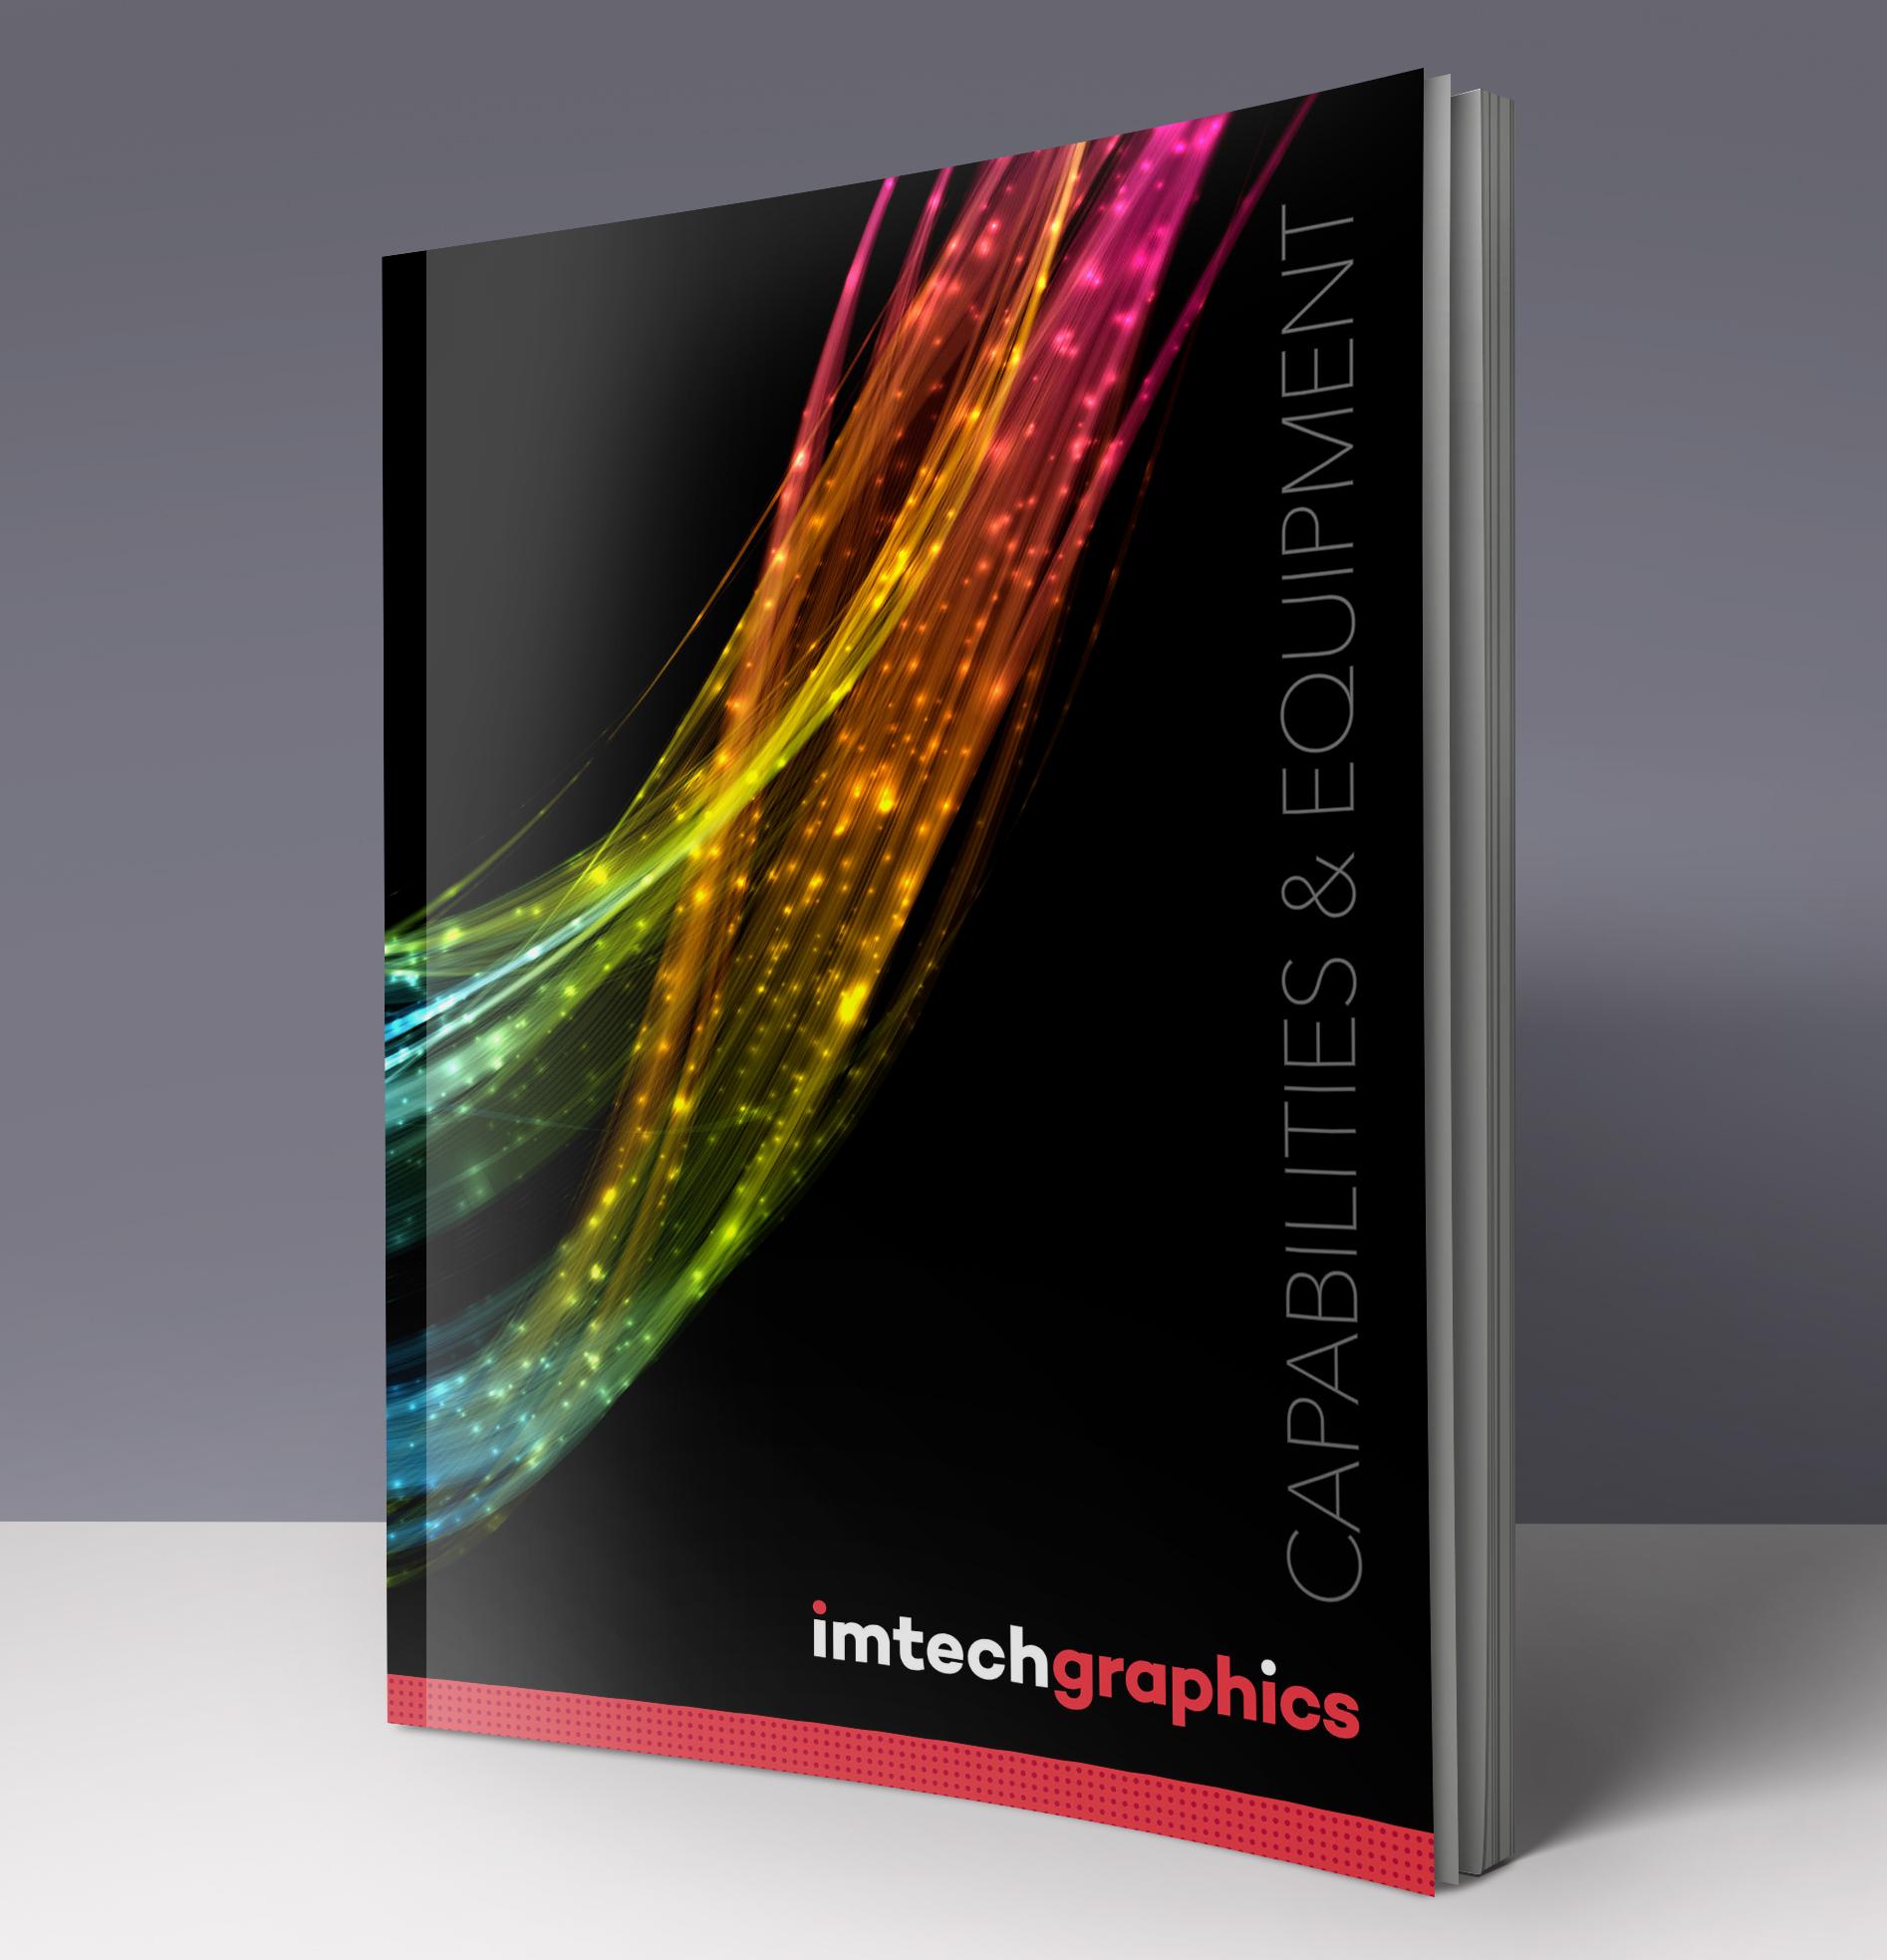 ImtechBro1